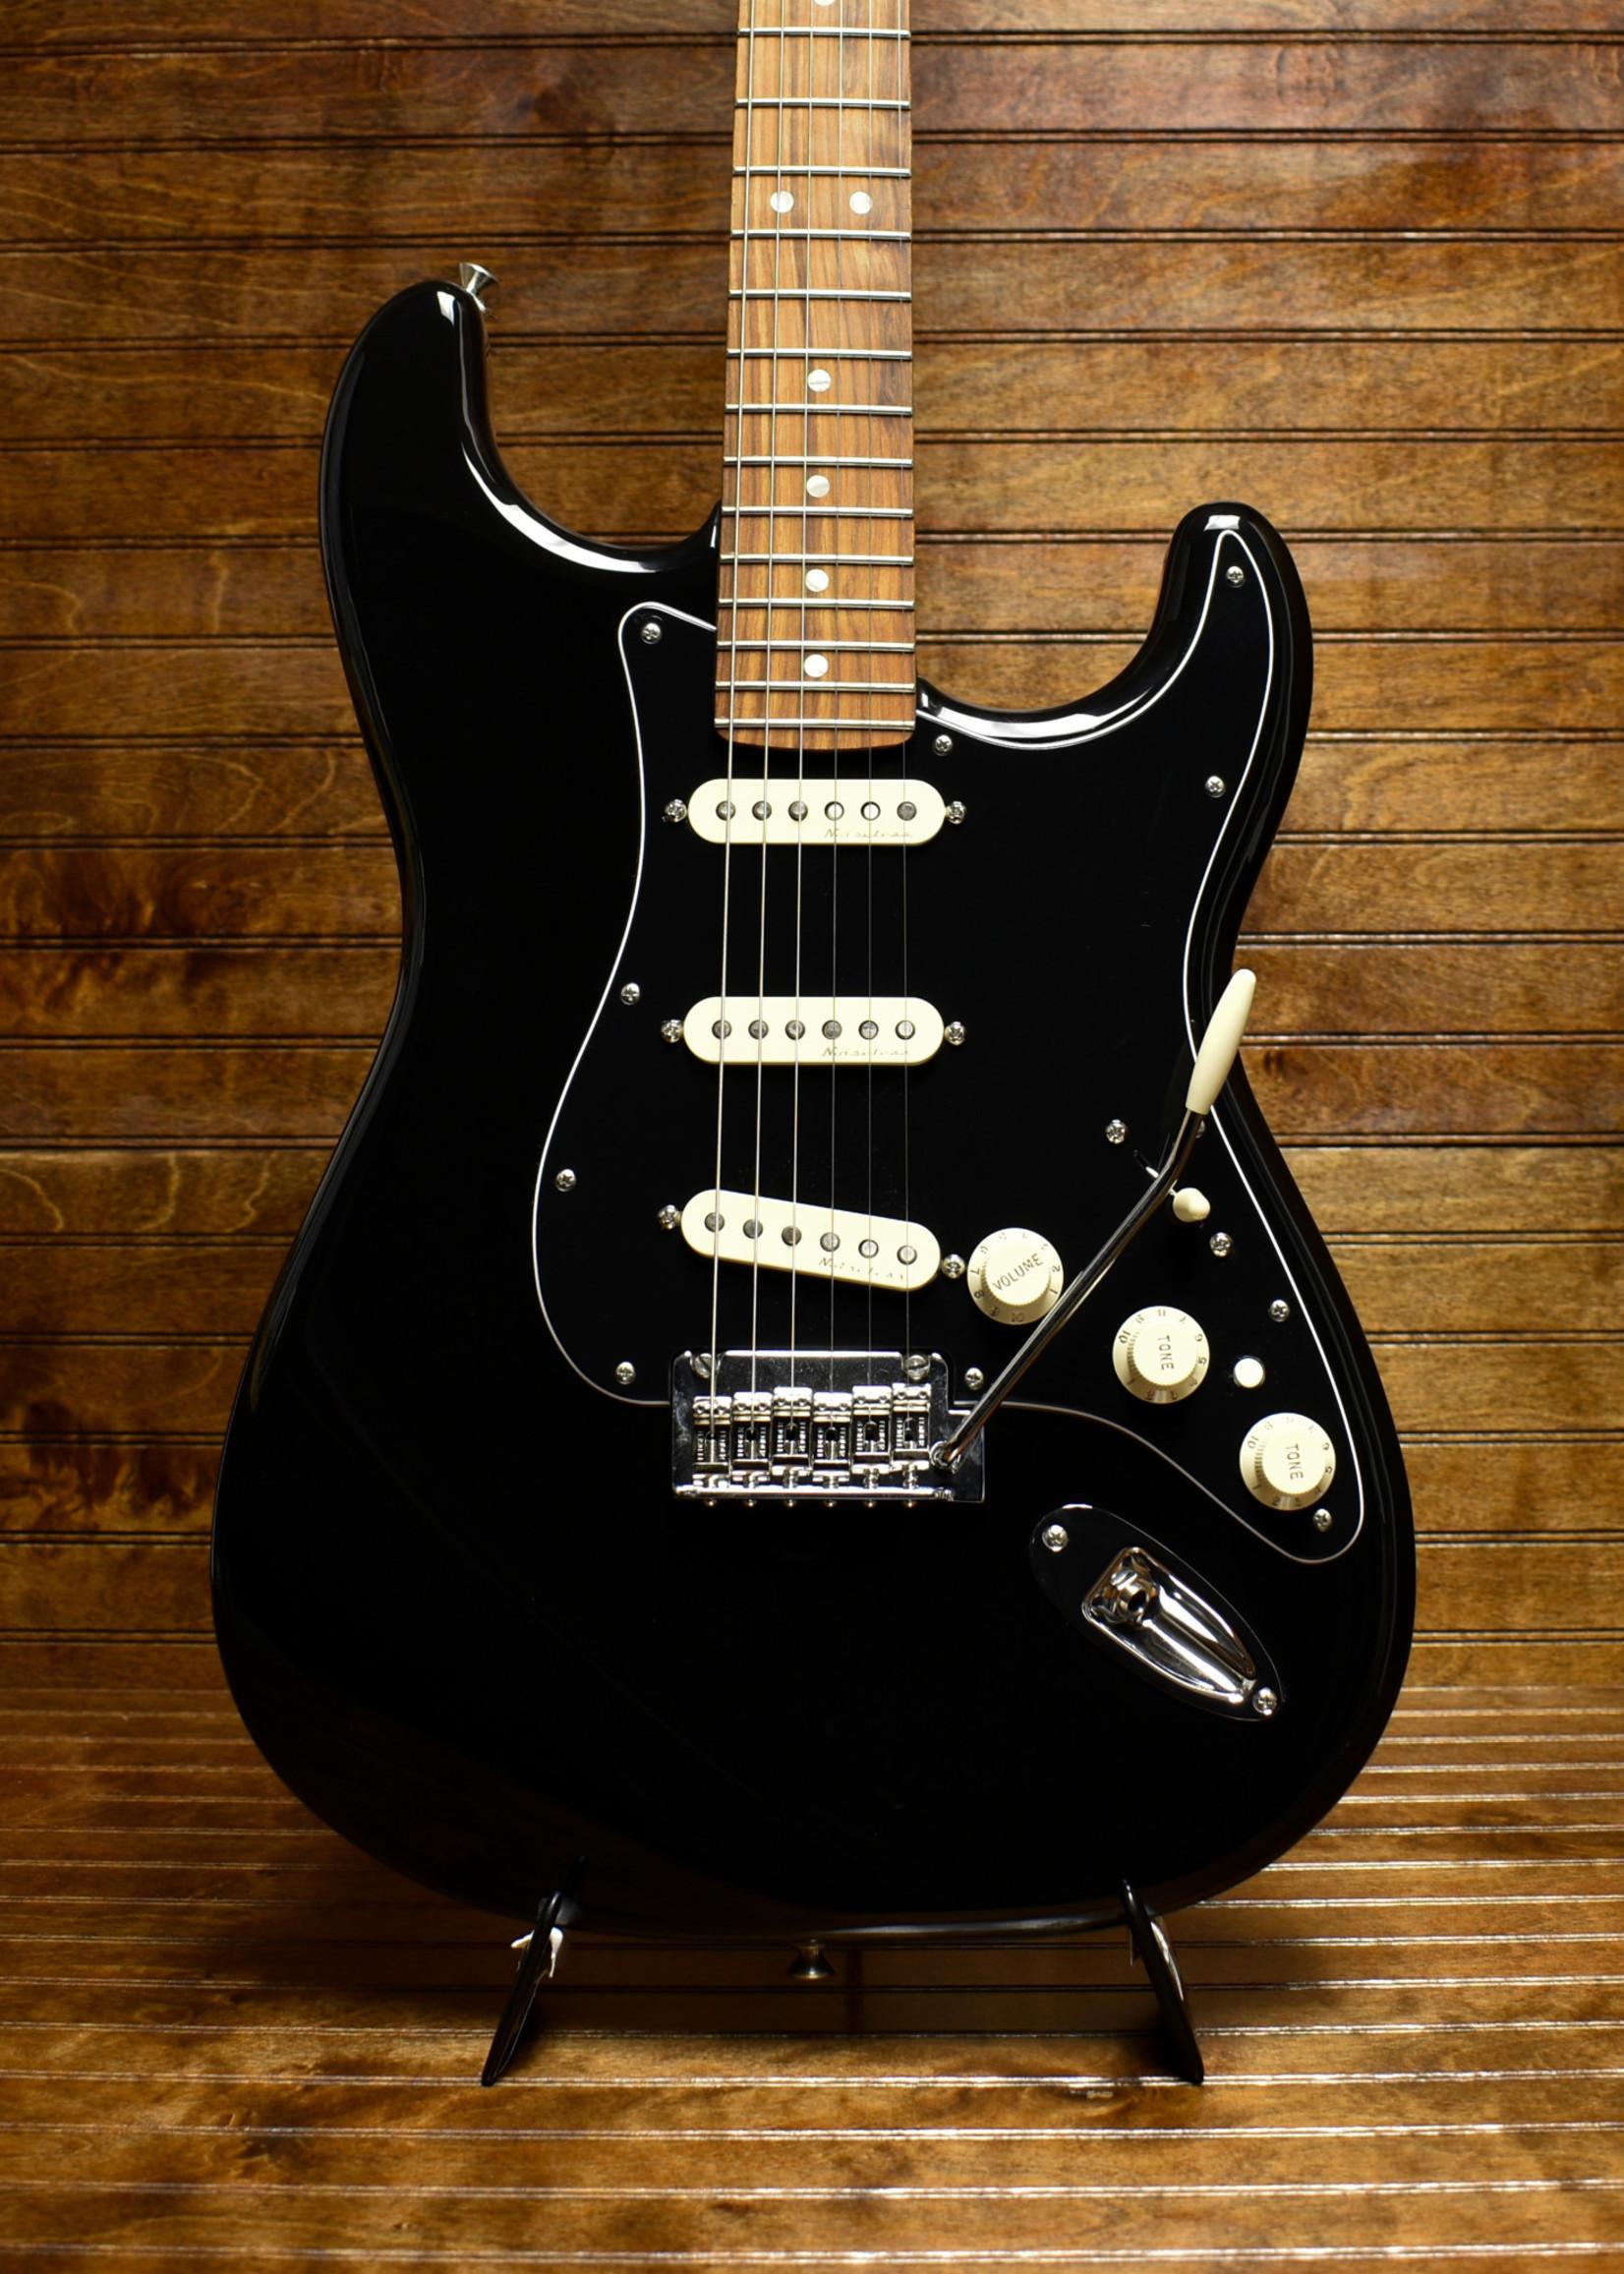 Fender Fender Deluxe Stratocaster Black